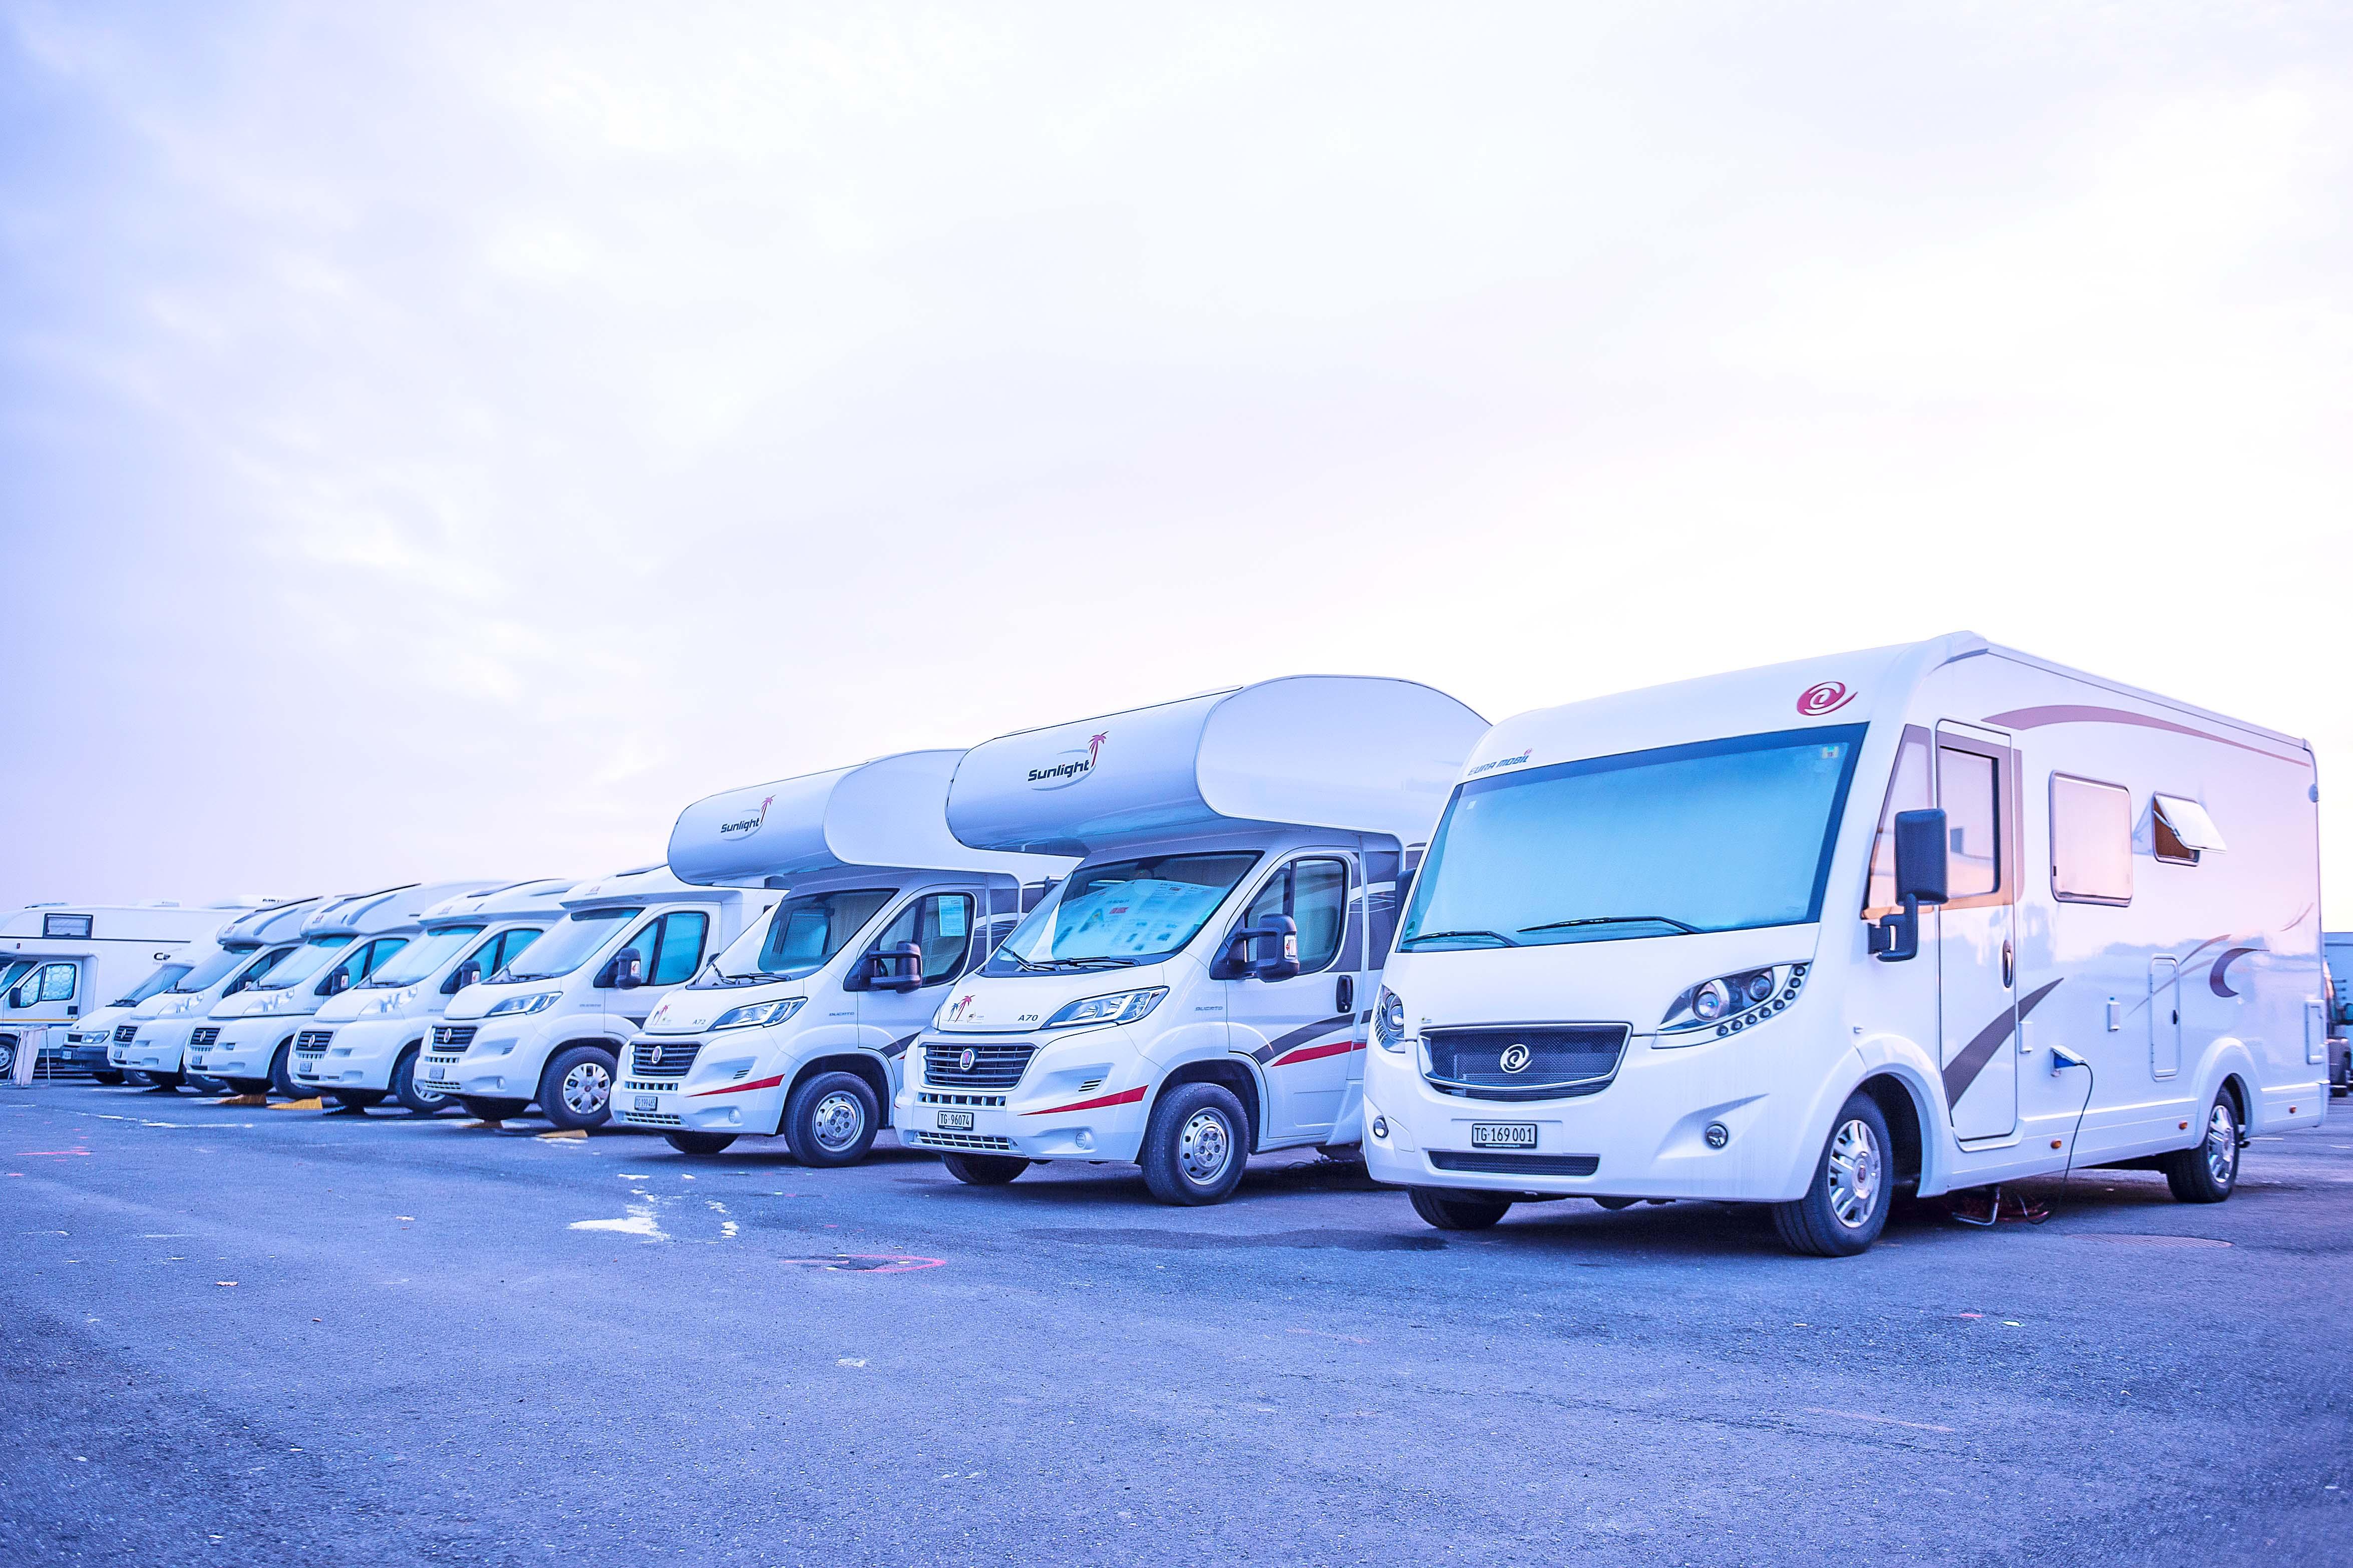 Für fünf Tage ist Bern das Mekka des mobilen Reisens